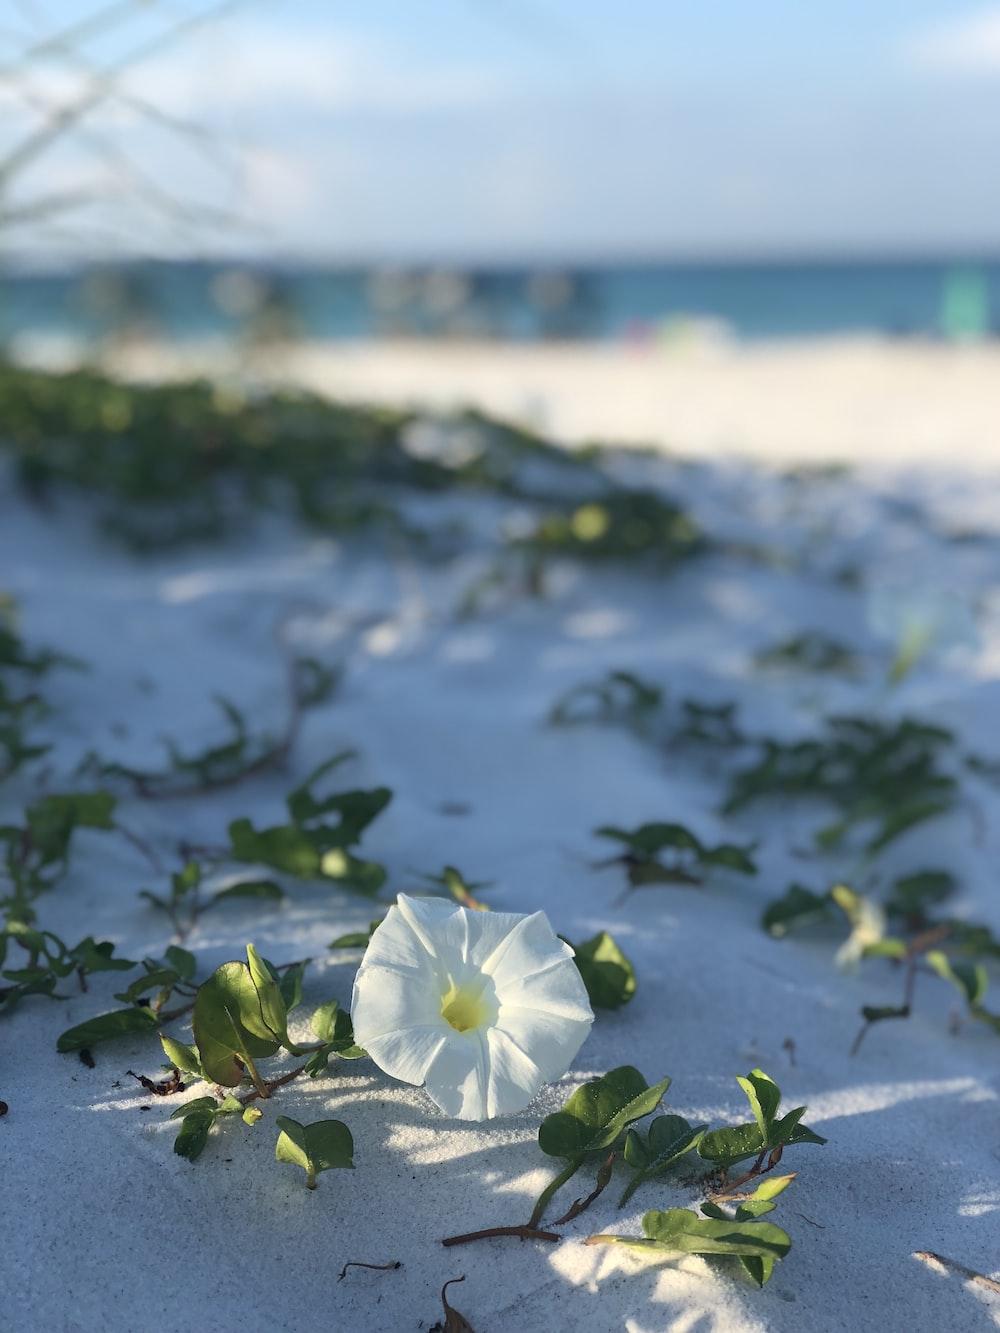 white morning glory flower in bloom